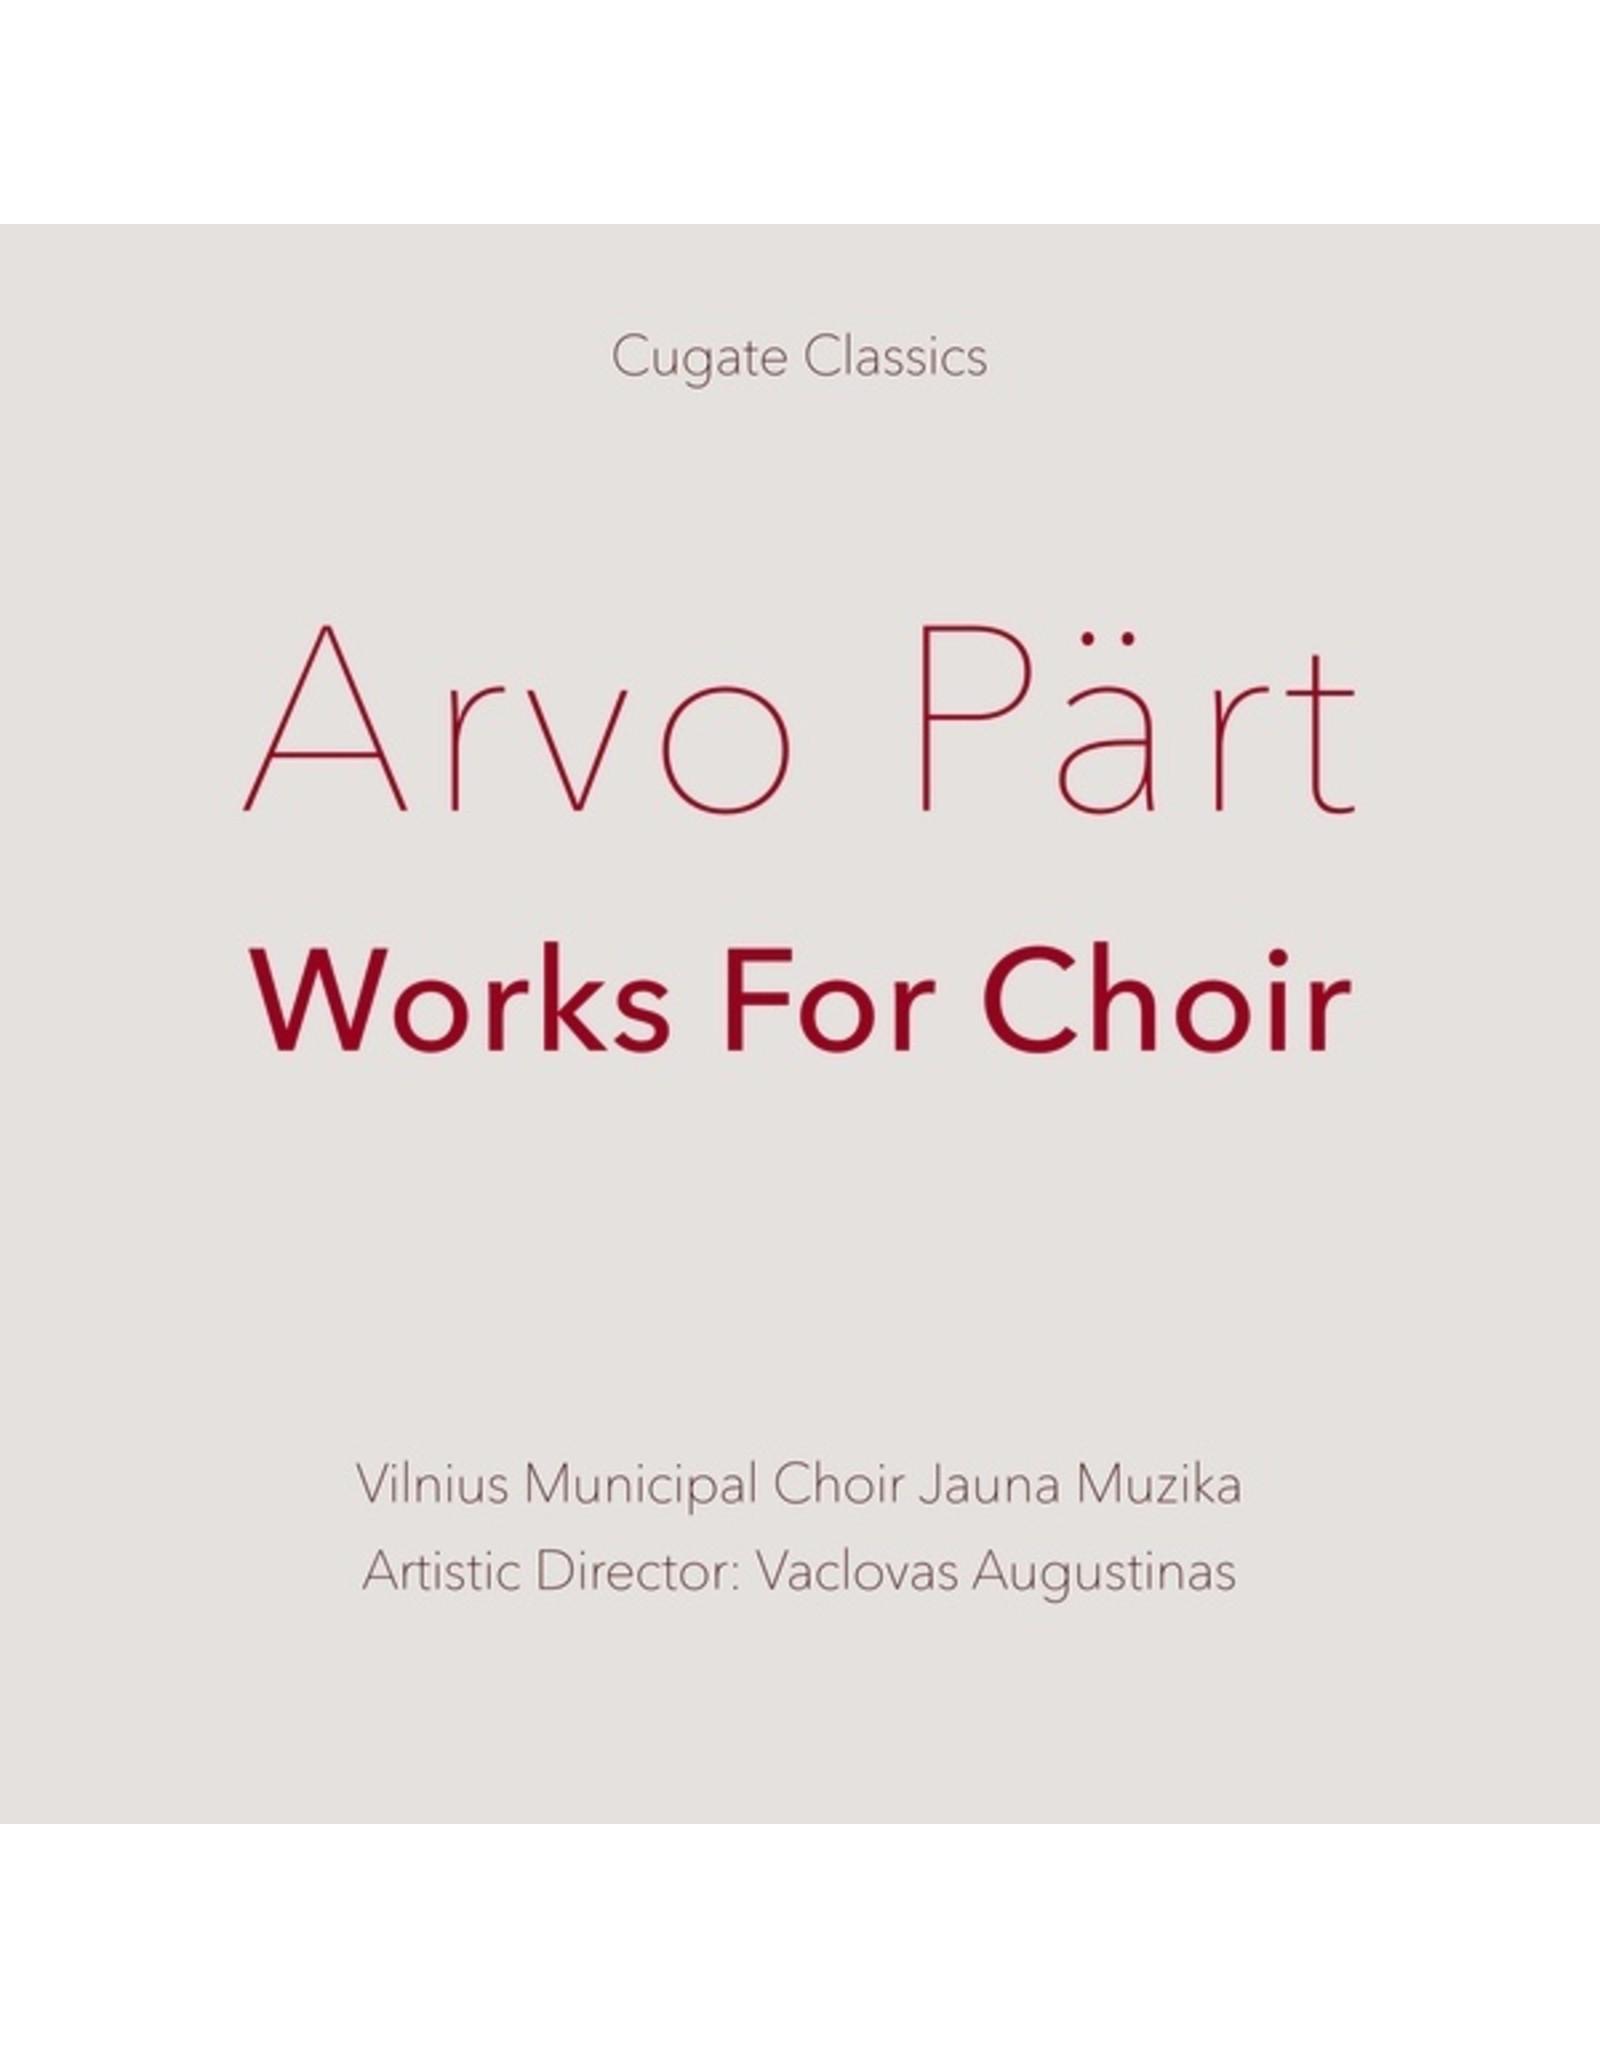 New Vinyl Arvo Pärt - Works For Choir LP